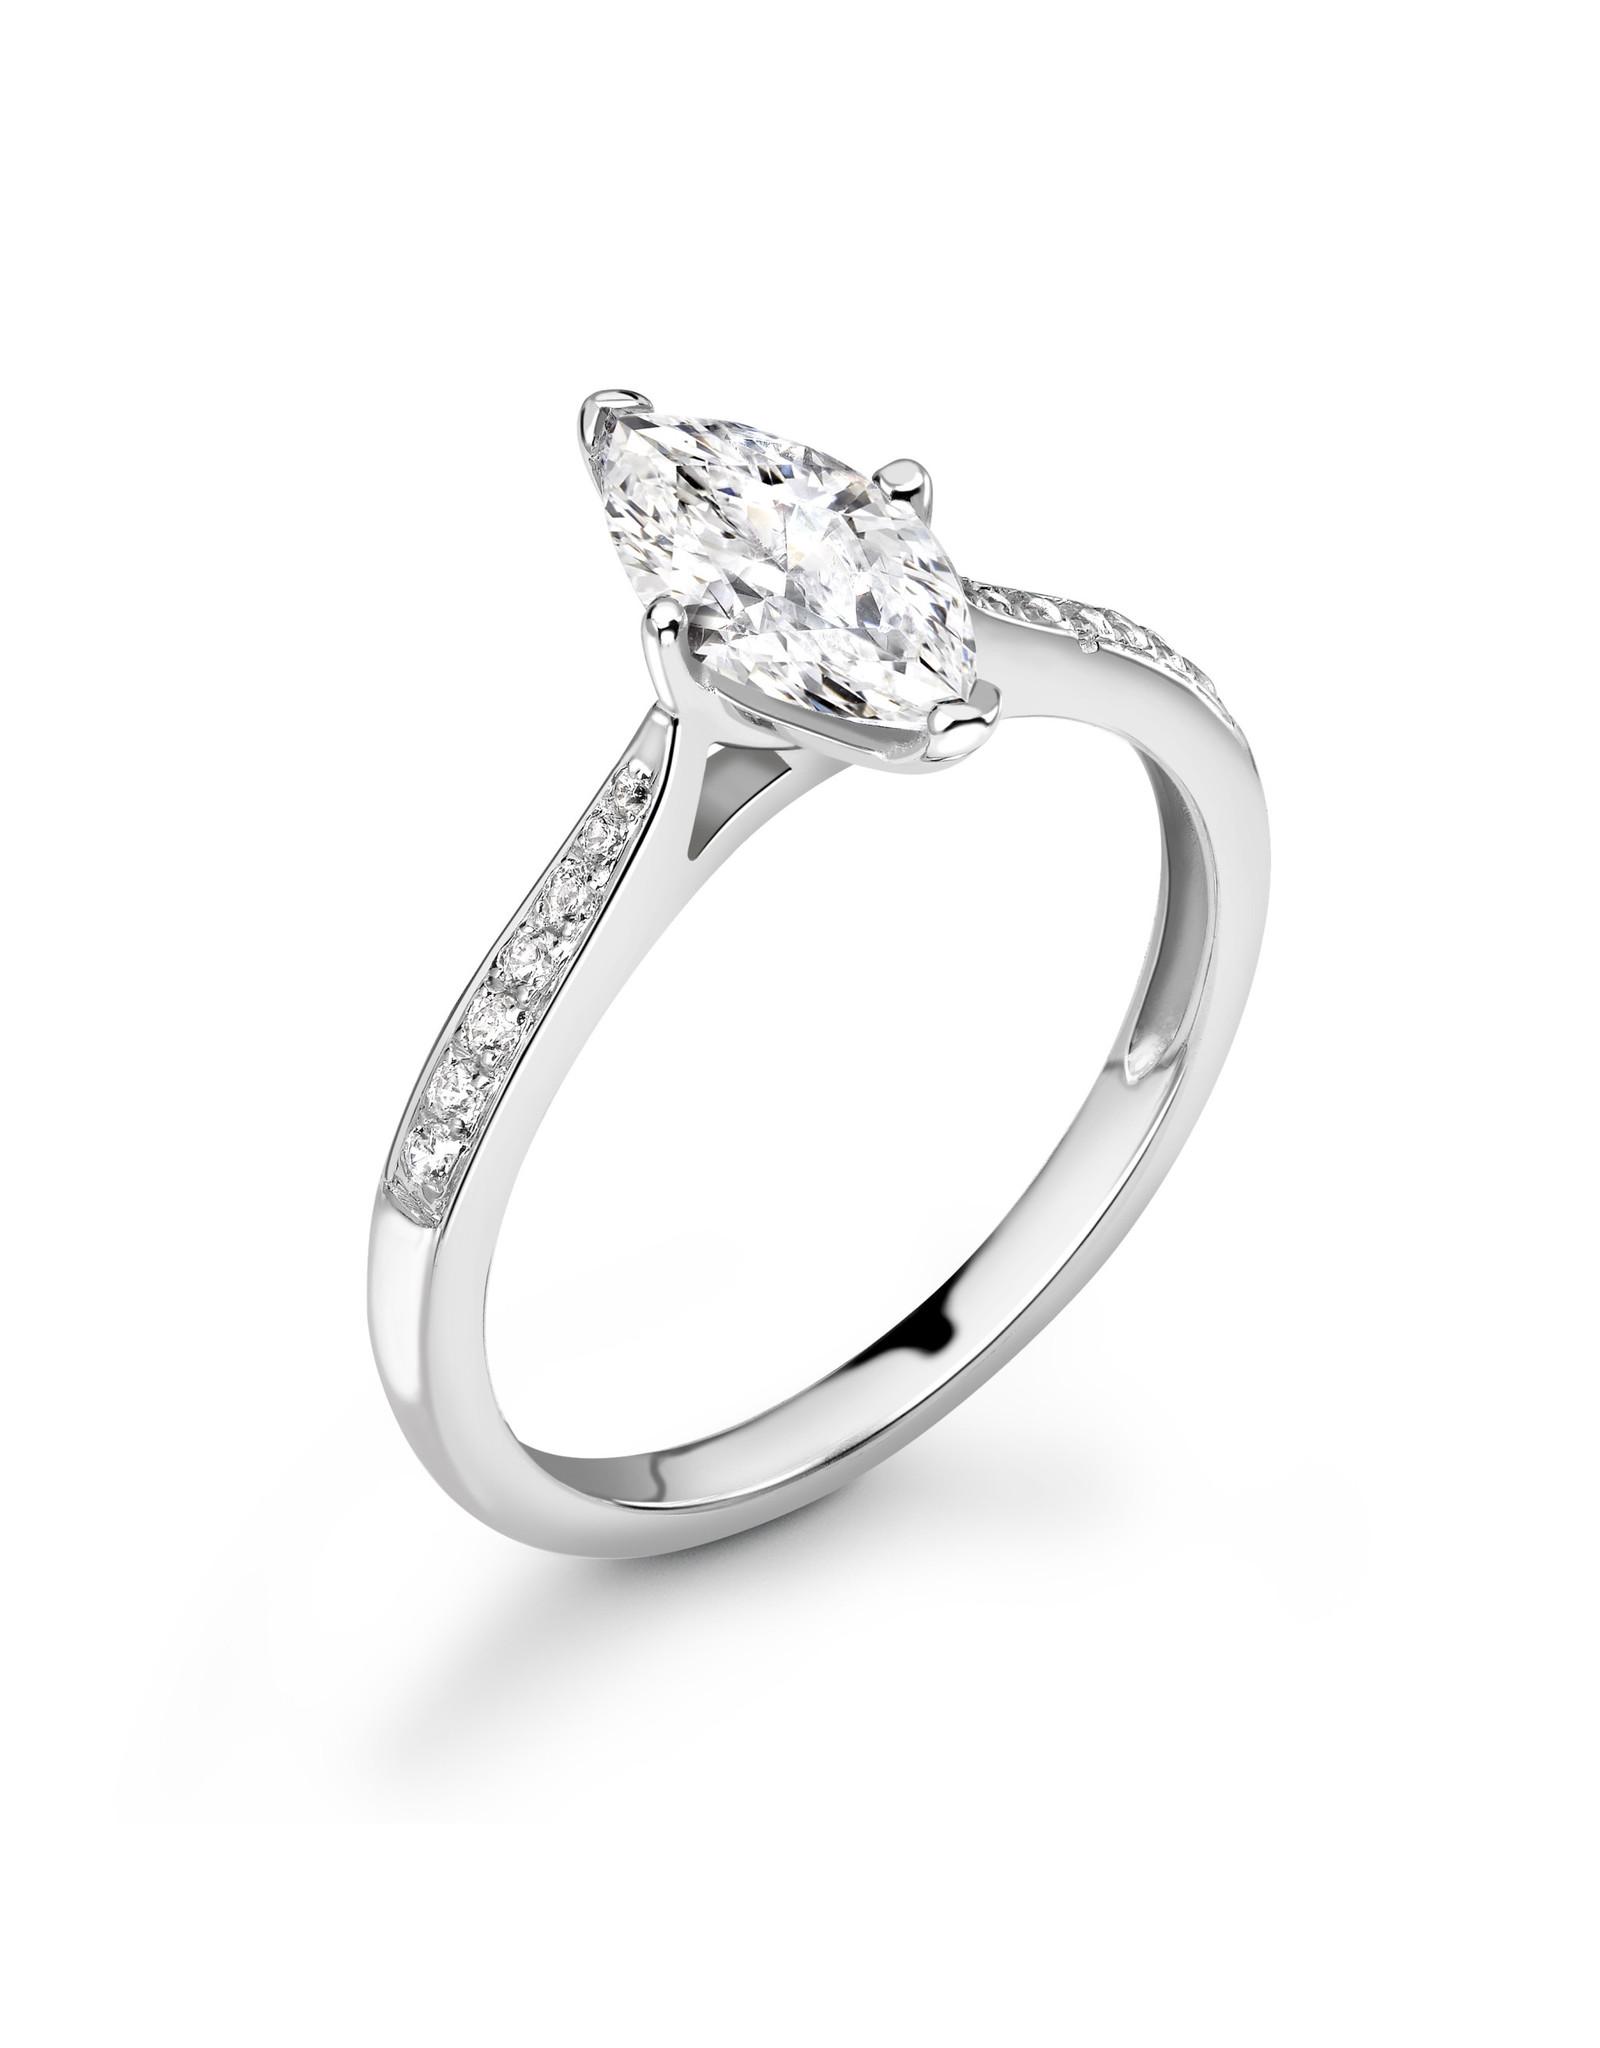 LVN Marquise Cut Verlovingsring Met Zijsteentjes LVNRX4671